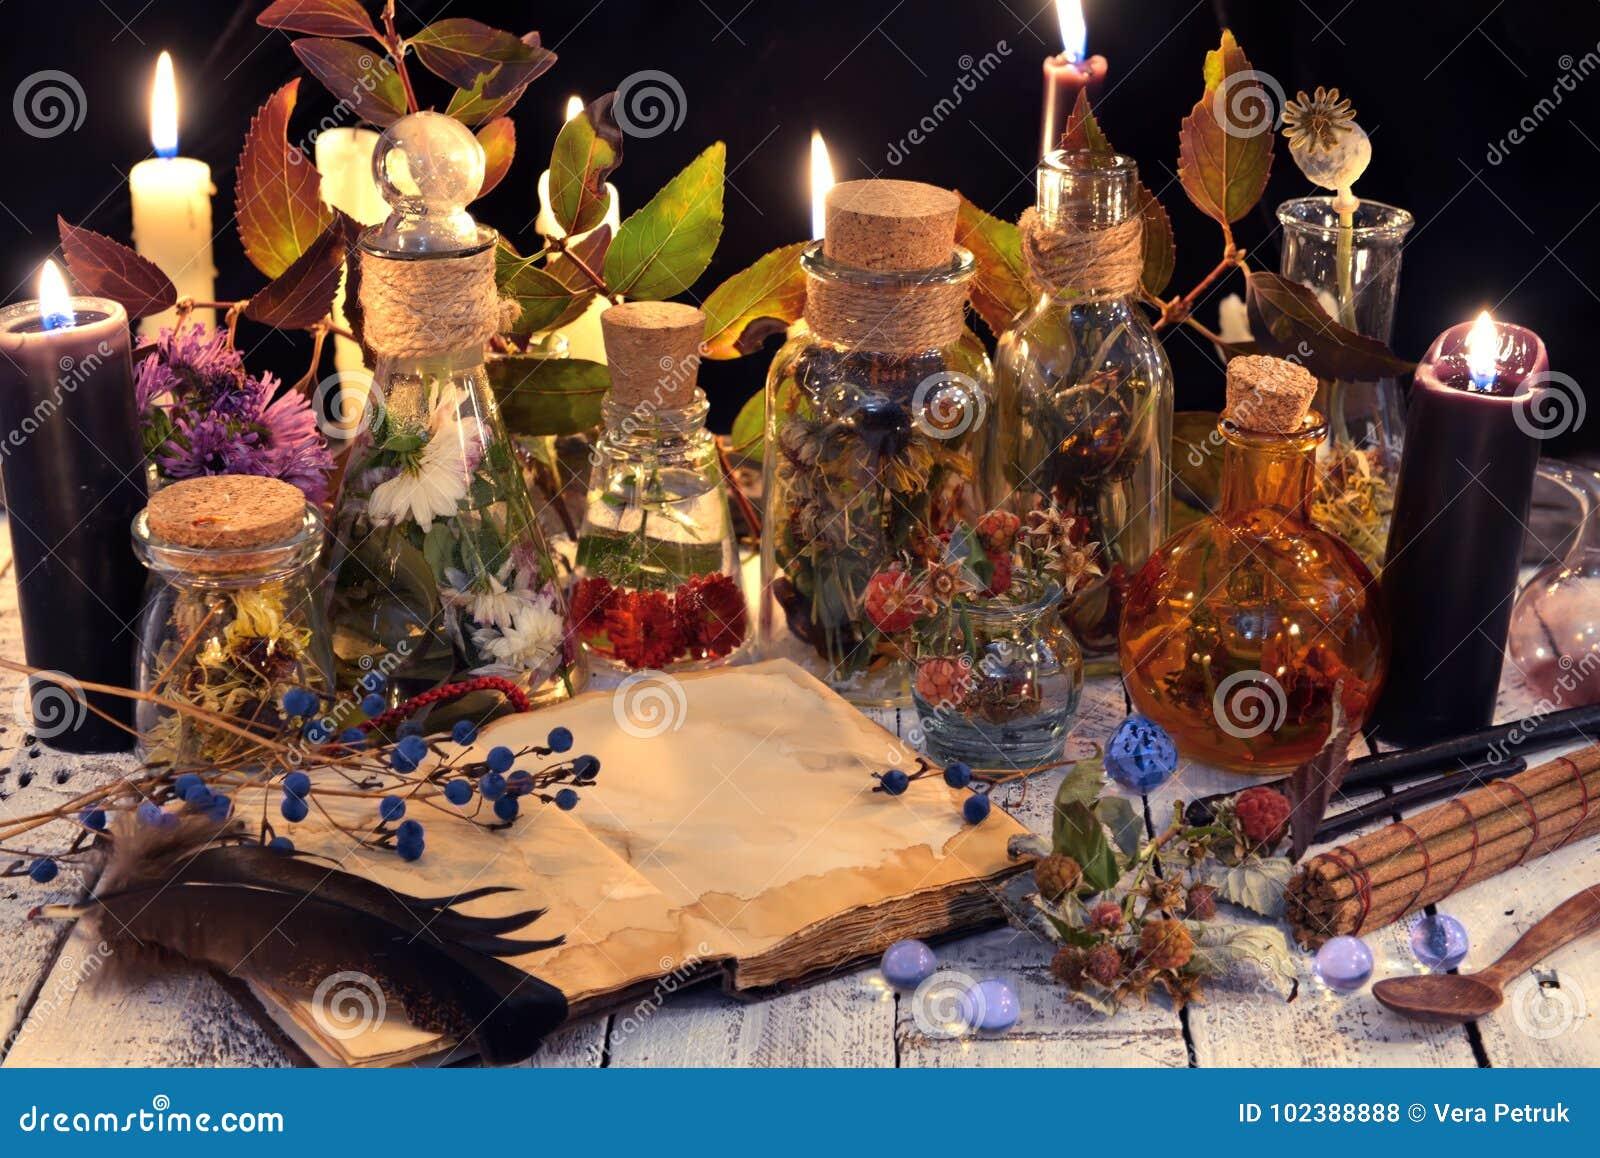 Offenes Buch mit Kopienraum, Kräuter und Beeren, schwarze Kerze und magische Gegenstände auf Hexentabelle